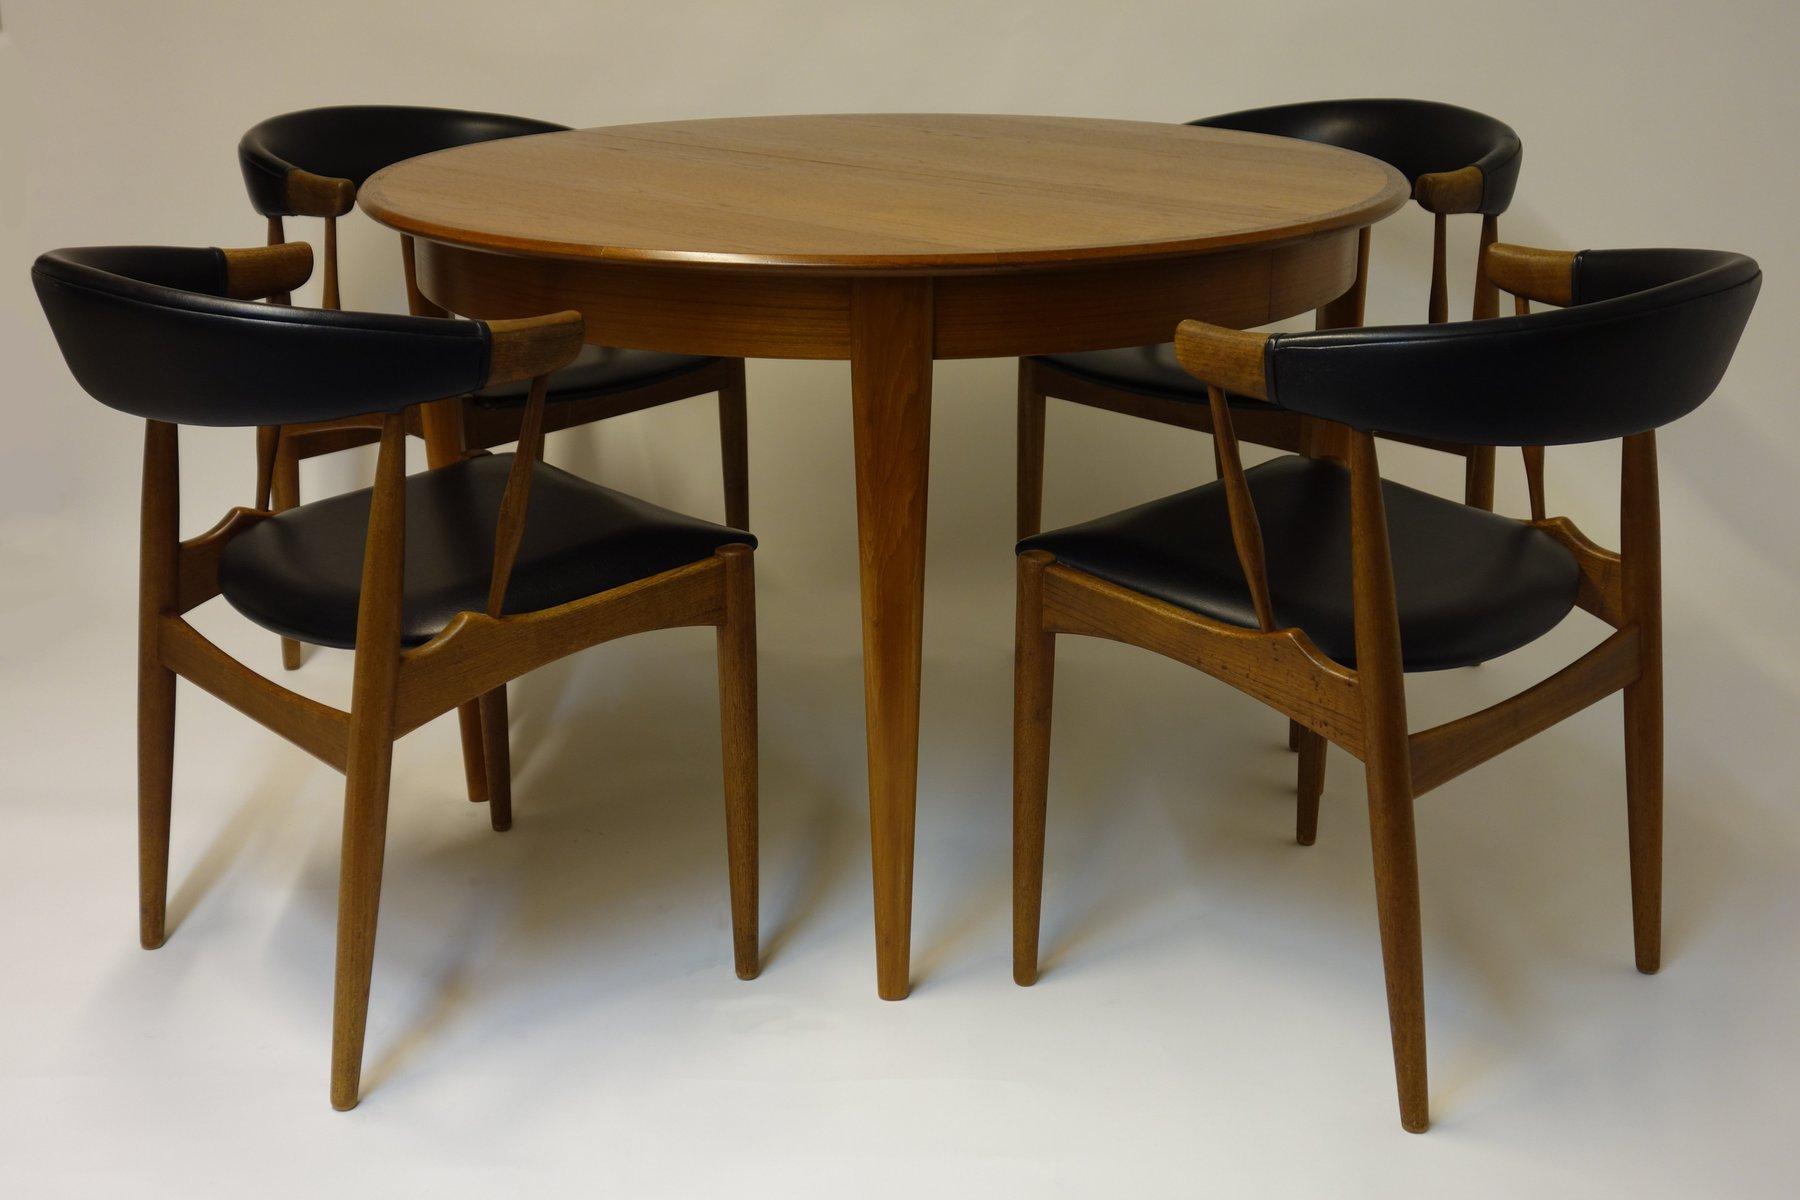 Table de salle manger avec deux rallonges et quatre chaises de brdr anders - Table de salle a manger avec rallonge et chaises ...